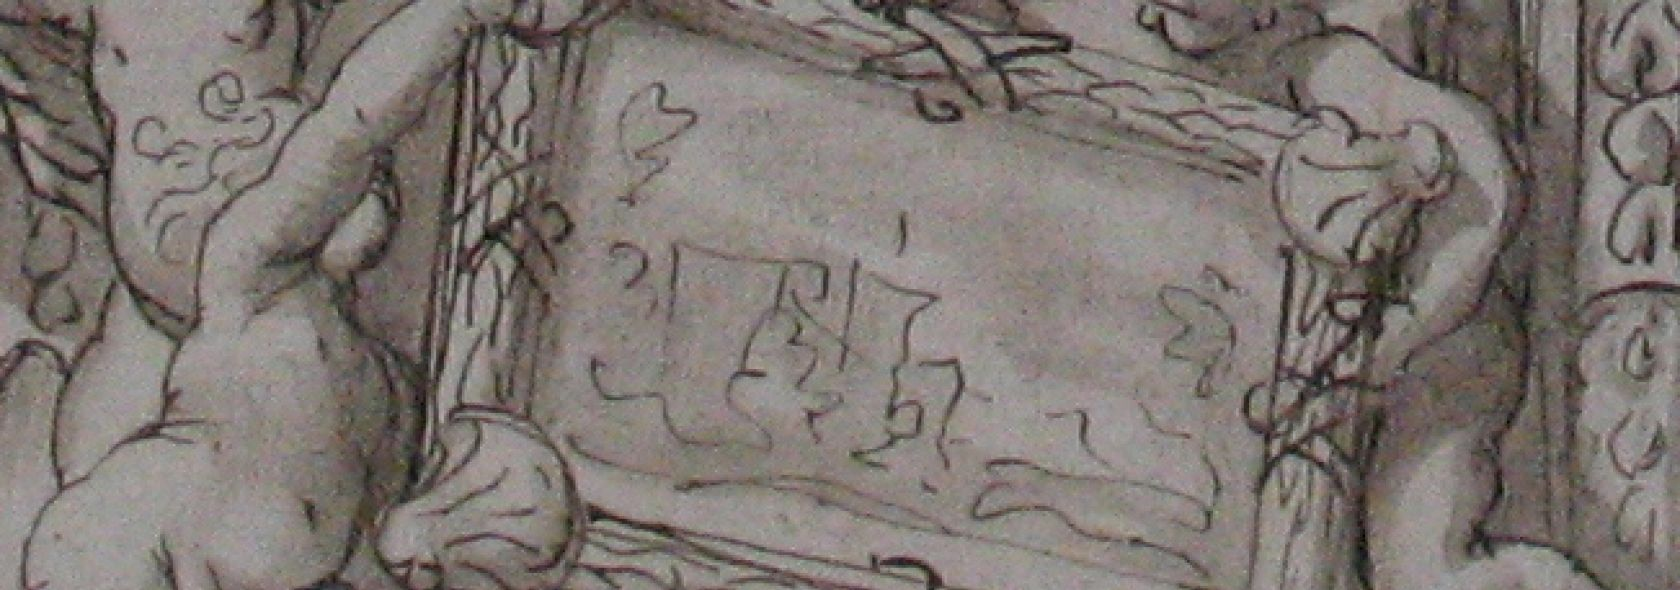 Gabinetto disegni e stampe - Domenico Piola - Fregio con putti e finti quadri